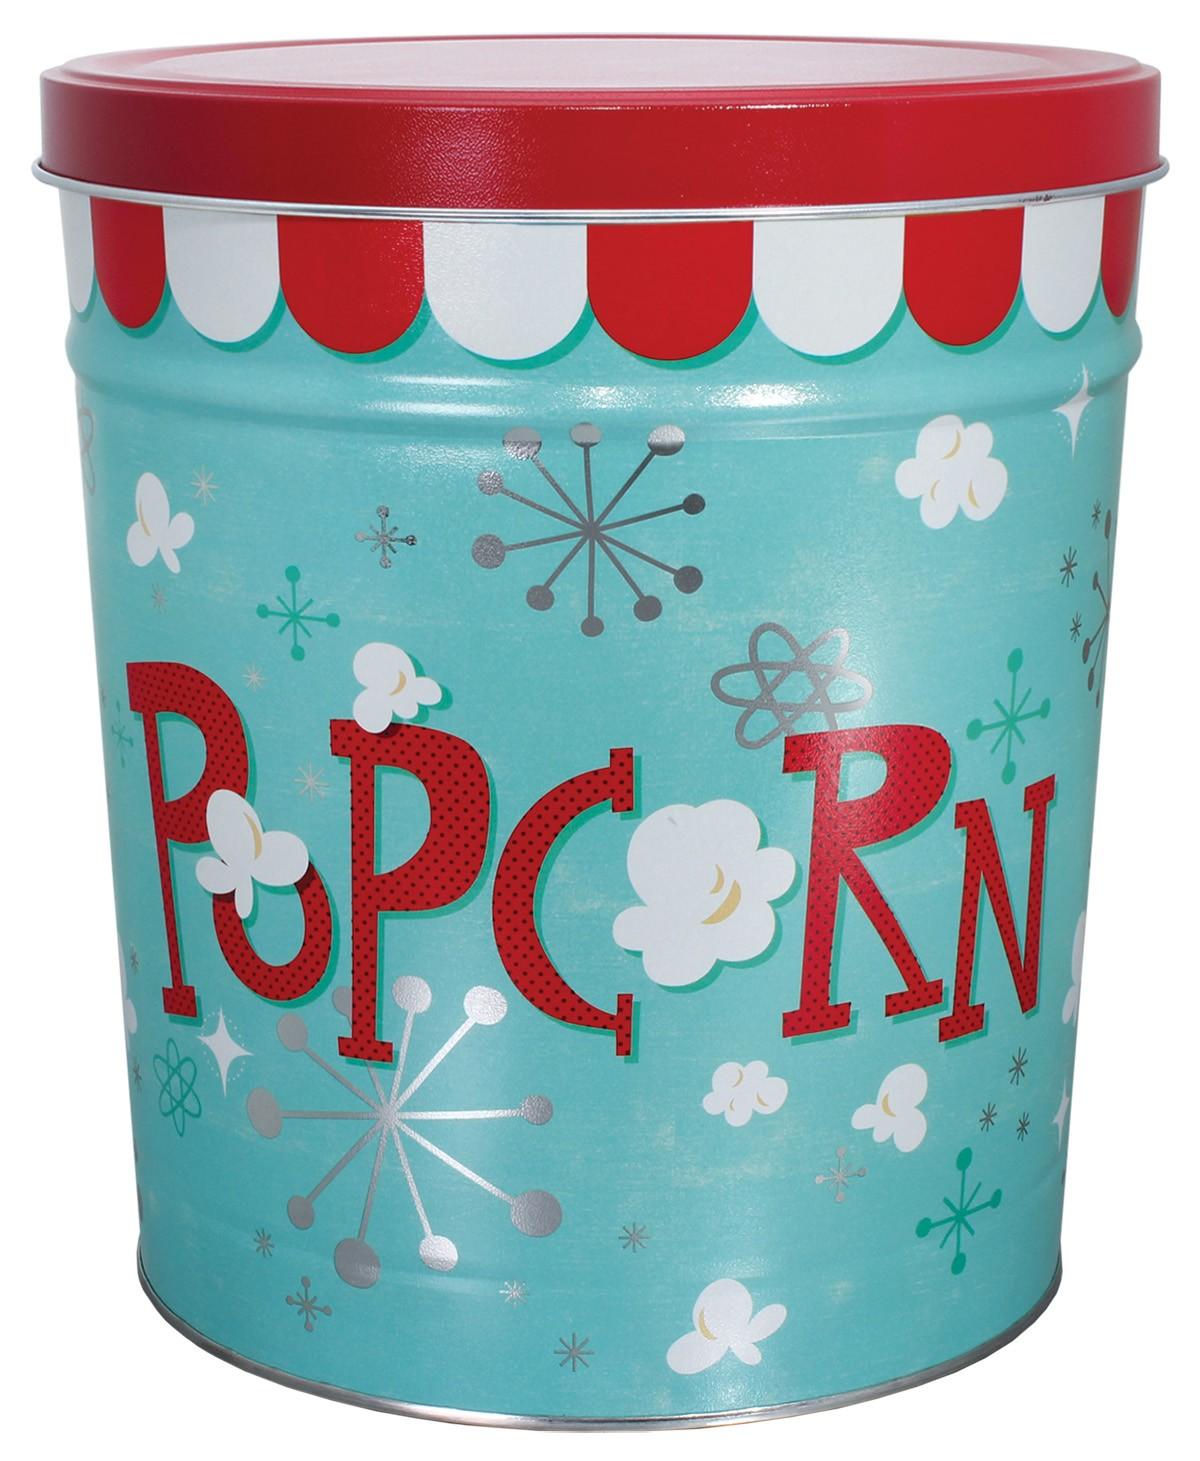 Popcorn Blast Popcorn Tin – 3.5 Gallon